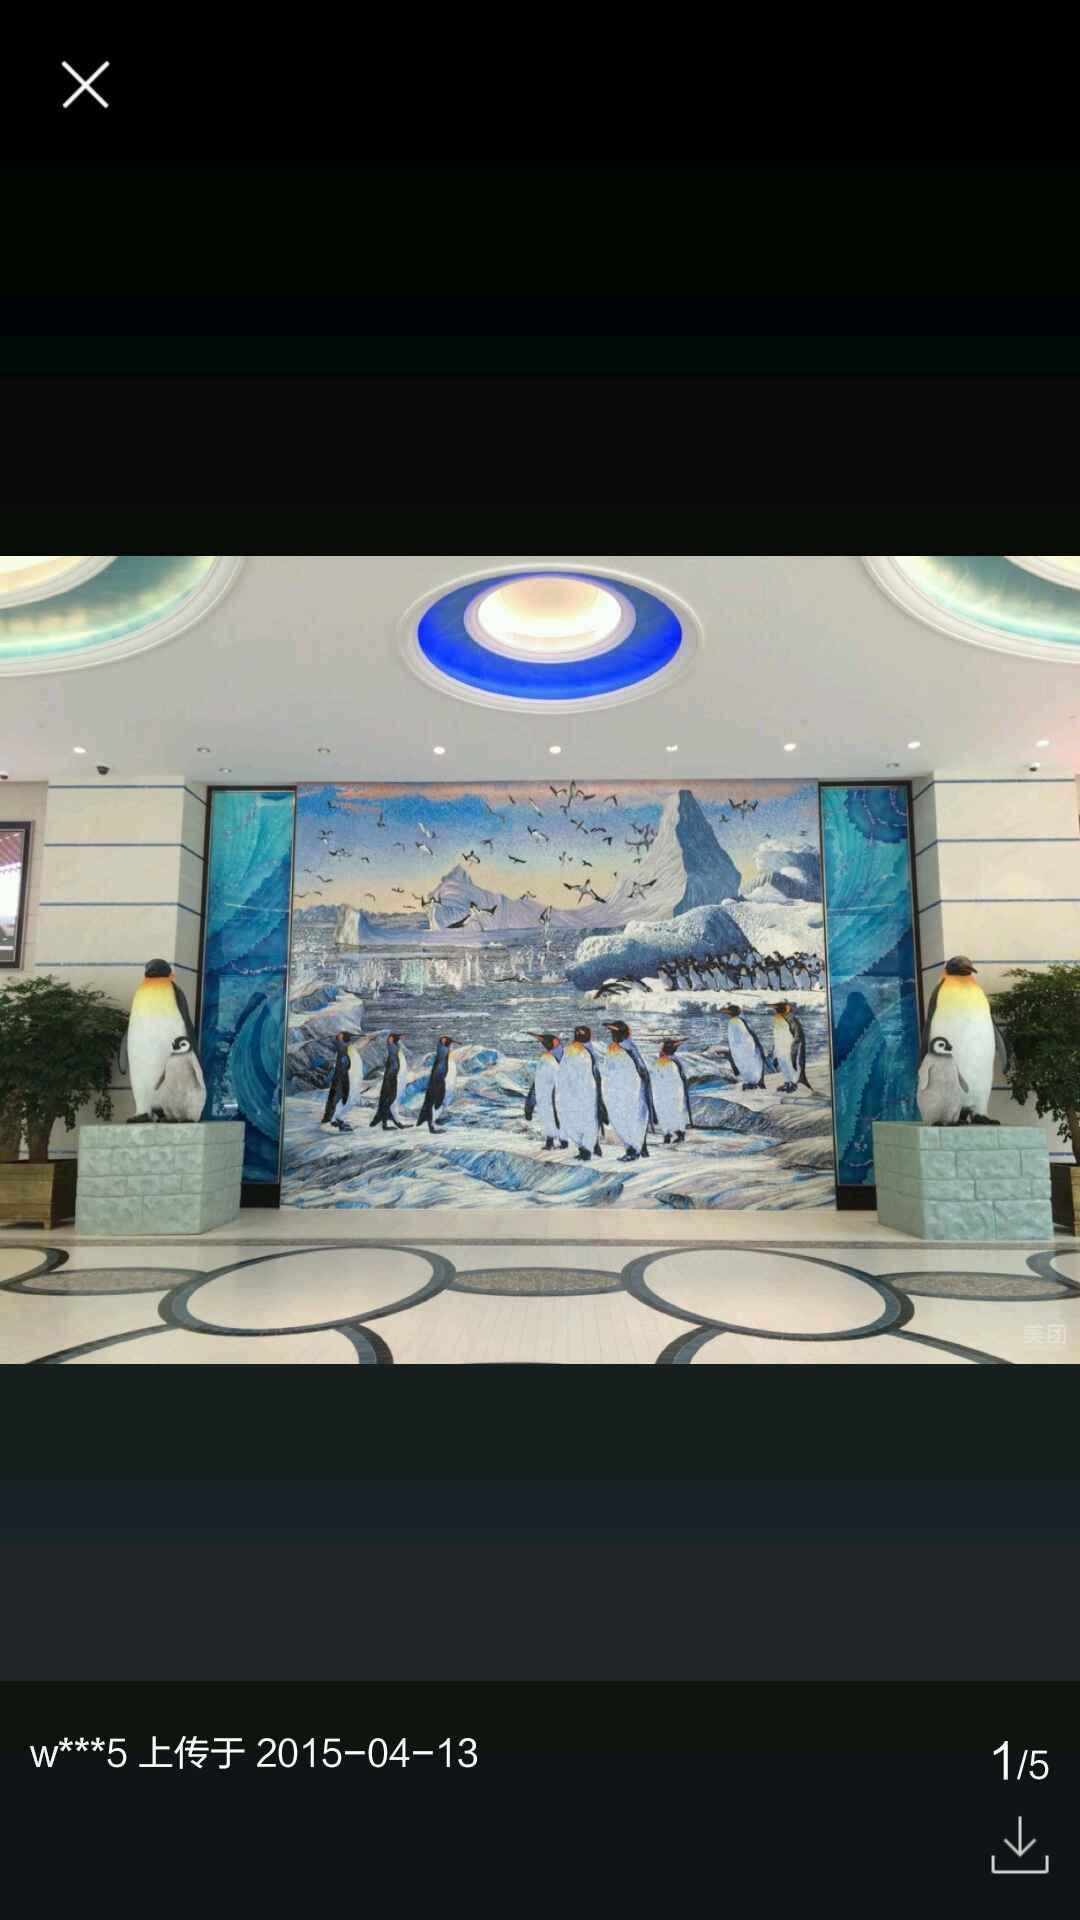 去珠海长隆海洋公园_珠海长隆海洋公园_珠海旅游攻略_自助游攻略_去哪儿攻略社区